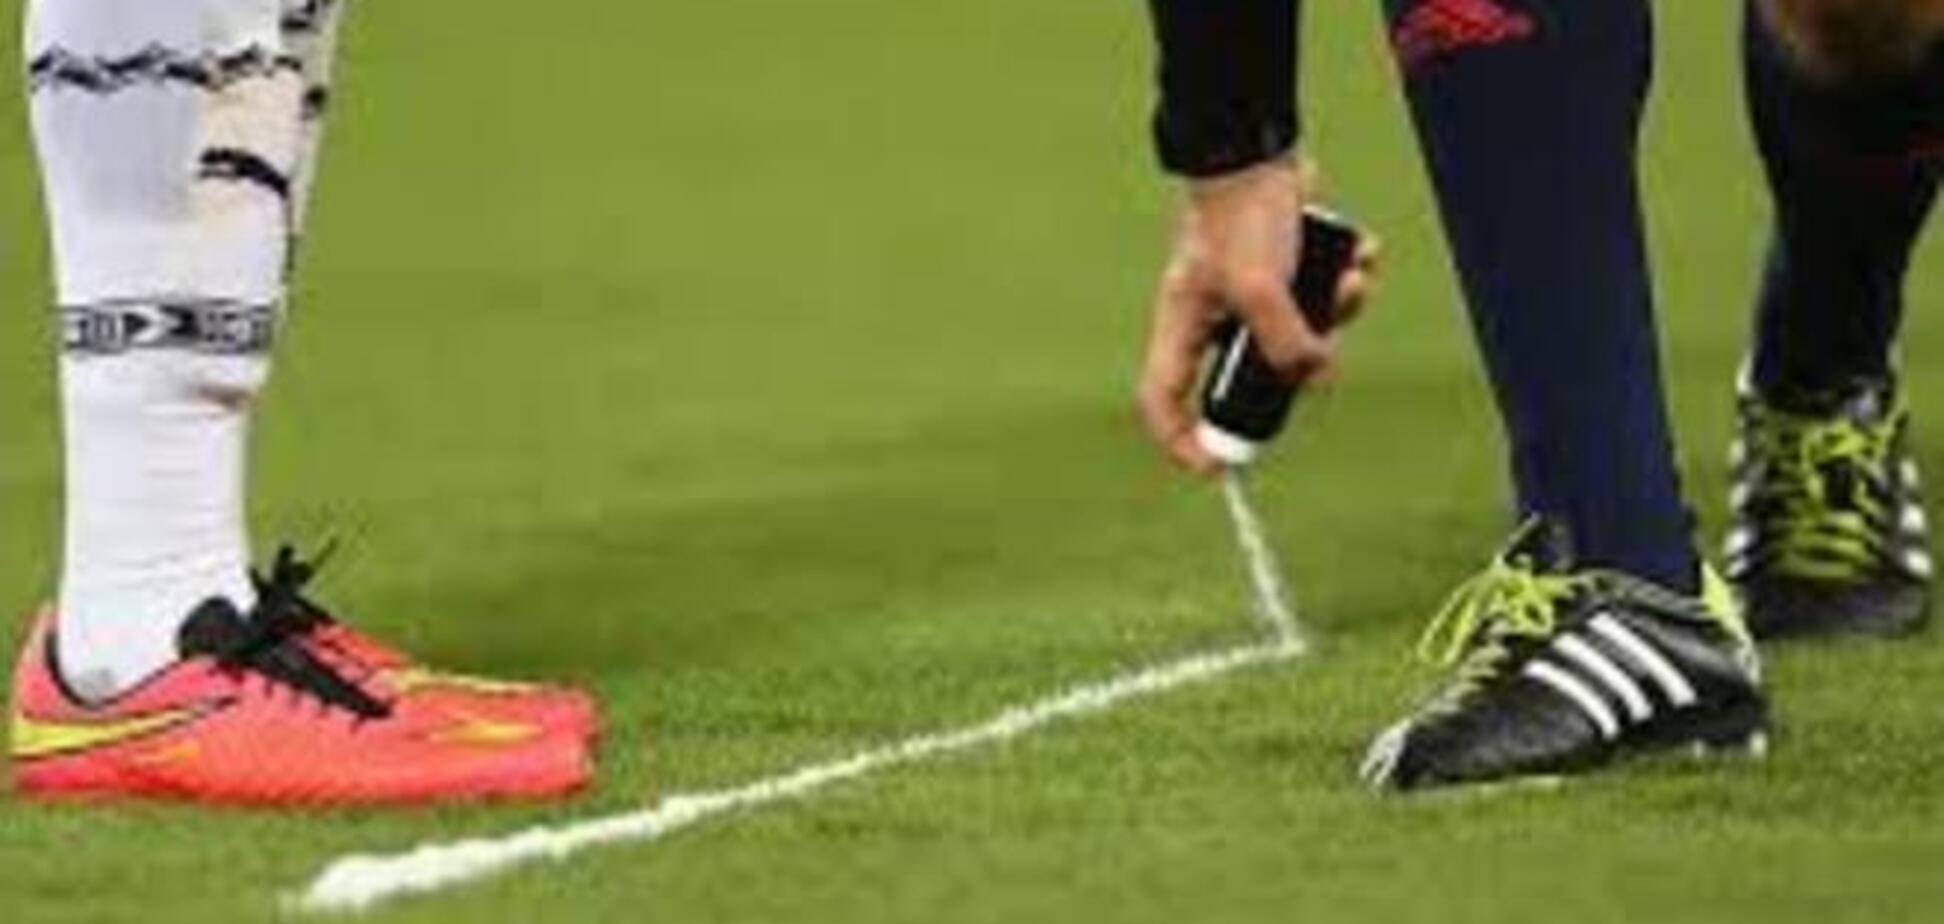 Неизвестные факты о футболе: гетры игроков 'Арсенала' по килограмму каждая. Часть 2